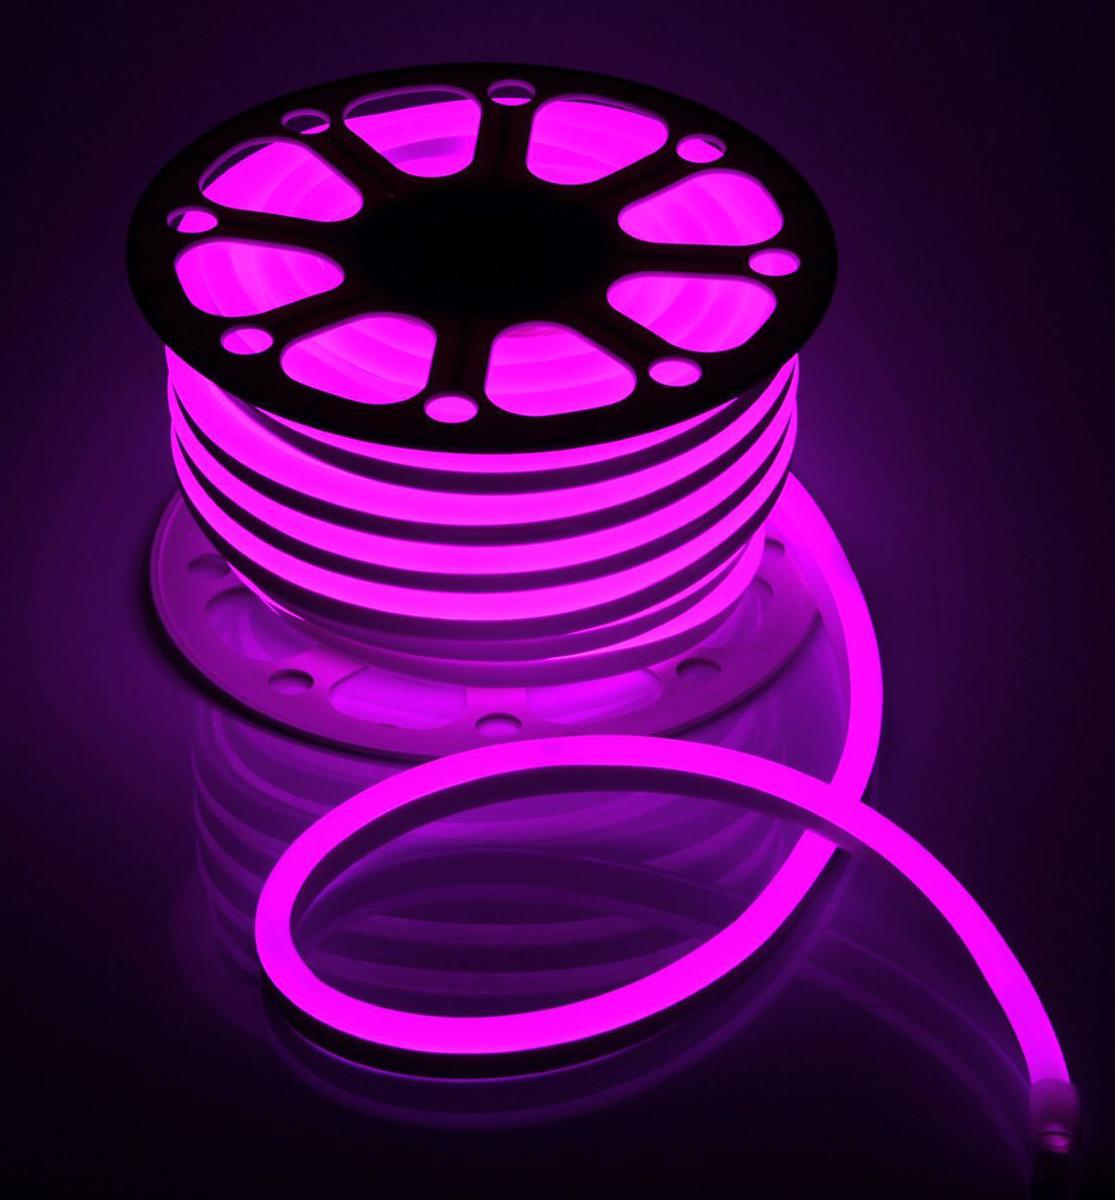 Гирлянда светодиодная  Luazon , 120 ламп, 220 V, цвет: розовый, 1,5 см х 2,5 см х 25 м. 1431314 -  Гирлянды и светильники